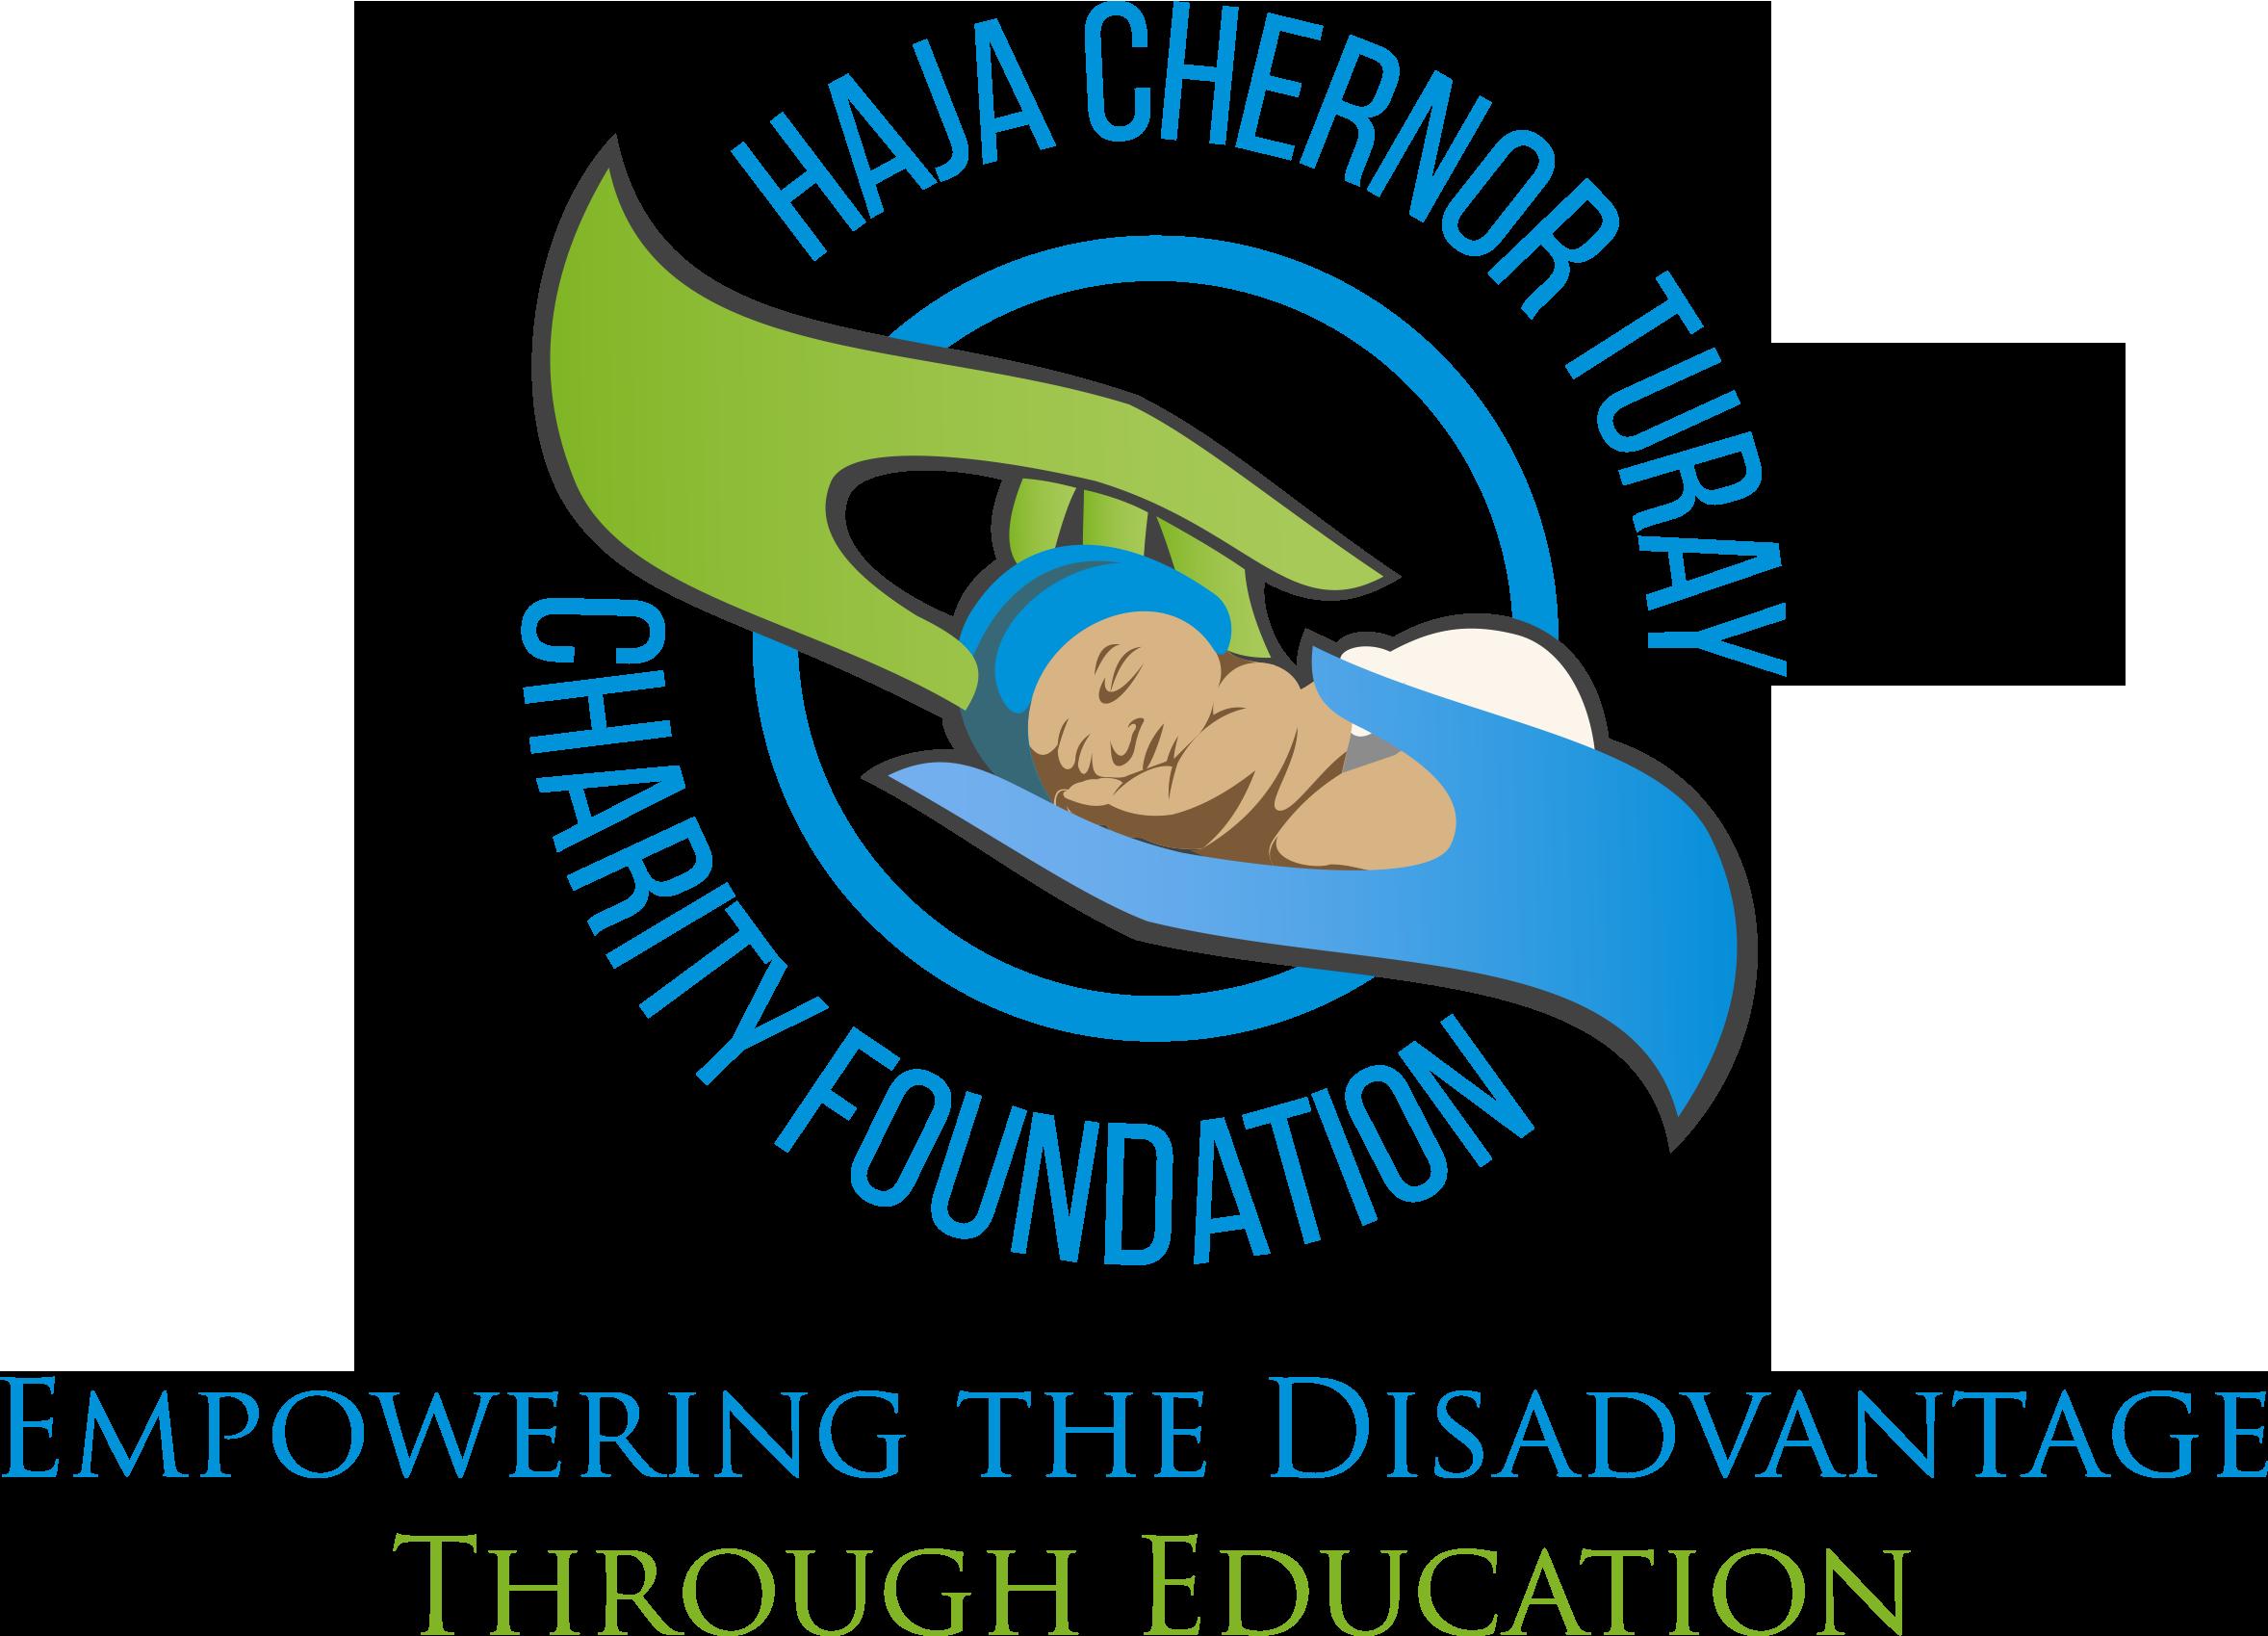 Haja Chernor Turay Charity Foundation Inc. - Alexandria, VA 22312 - (571)353-8673 | ShowMeLocal.com